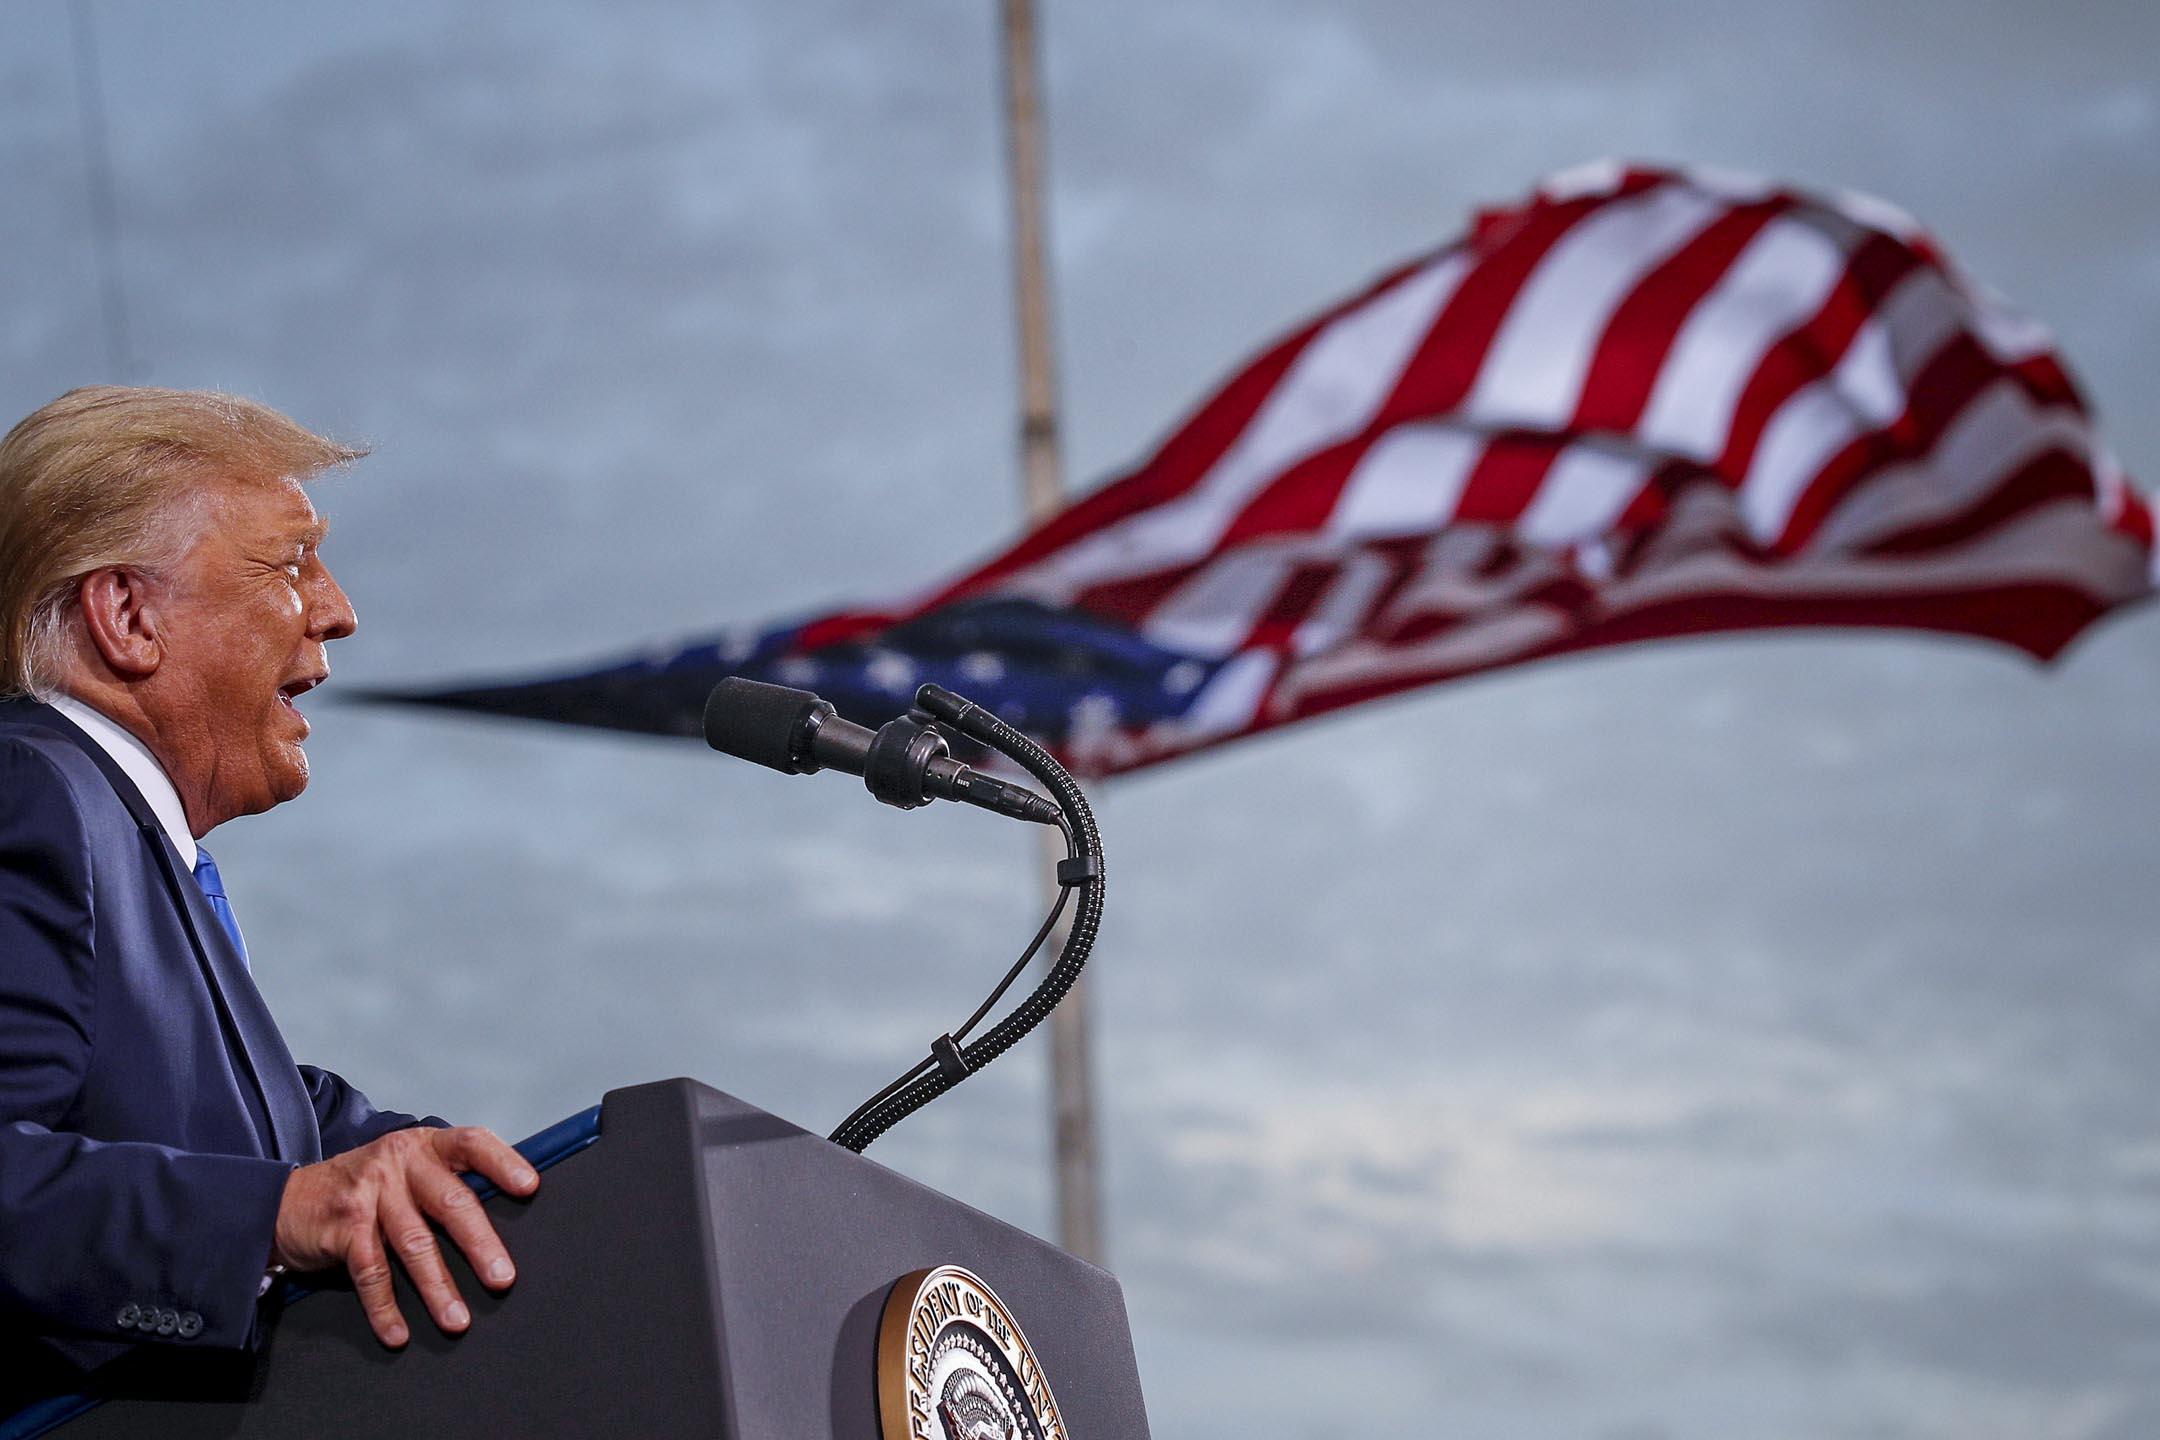 2020年9月24日,美國總統特朗普在佛羅里達州的塞西爾機場舉行的競選集會上發表講話。